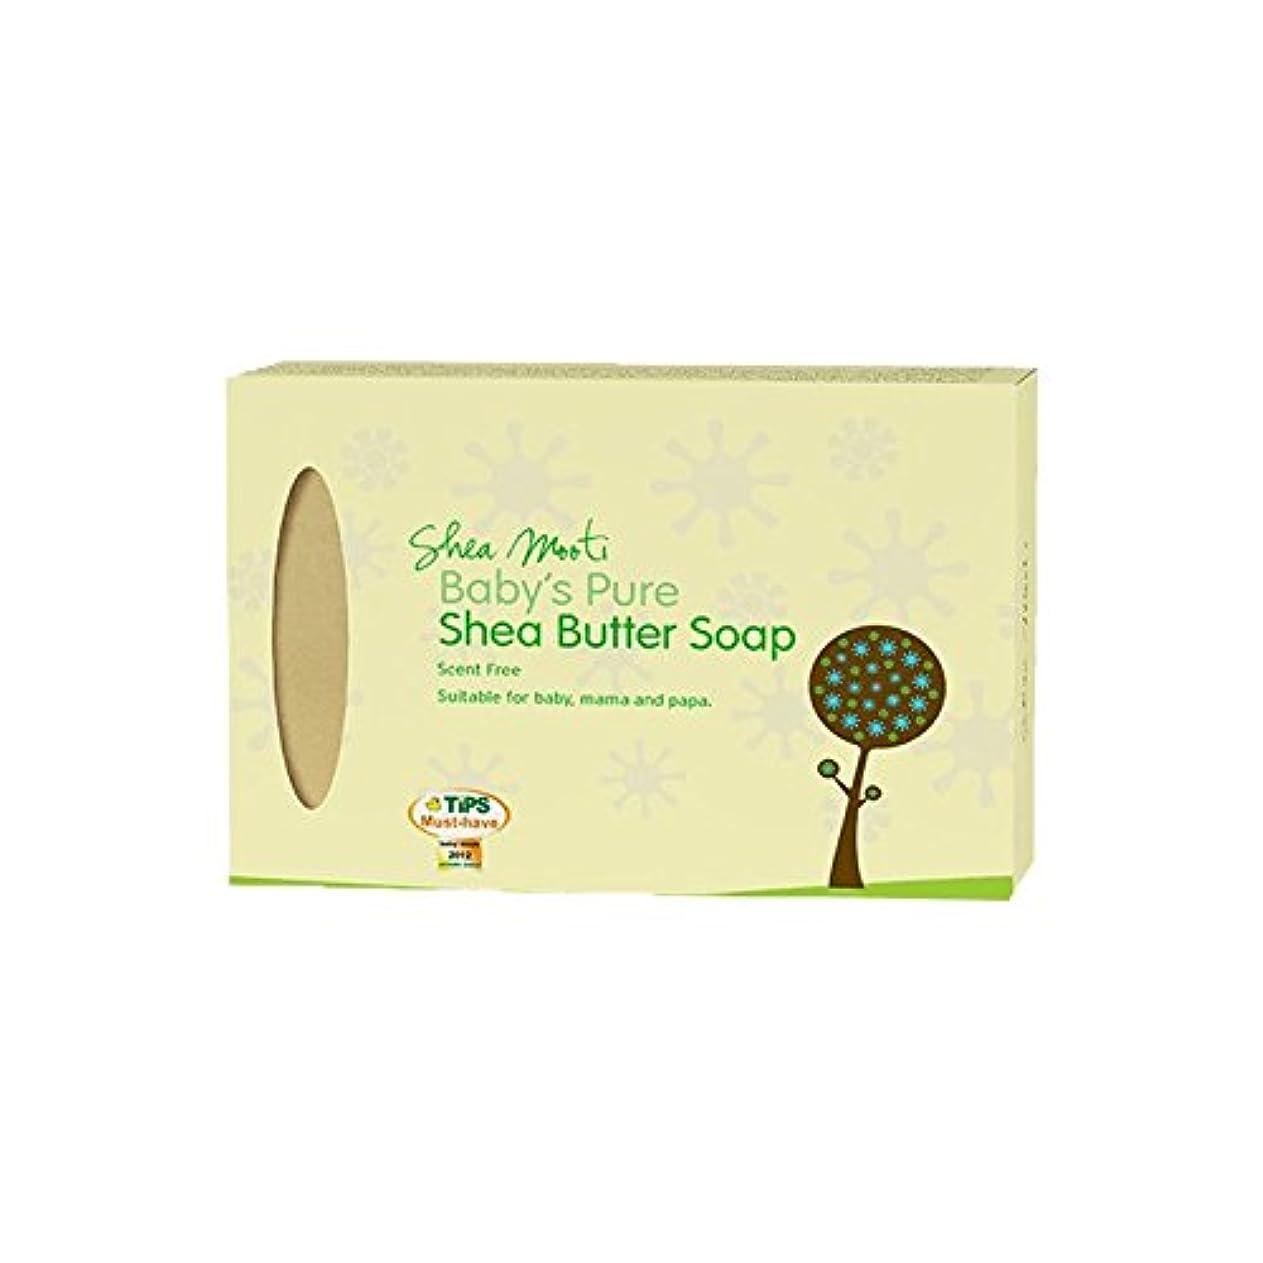 成分導入する粘液Shea Mooti Baby's Pure Shea Butter Soap Unscented 250ml (Pack of 2) - シアバターMooti赤ちゃんの純粋なシアバターソープ無香250ミリリットル (x2...